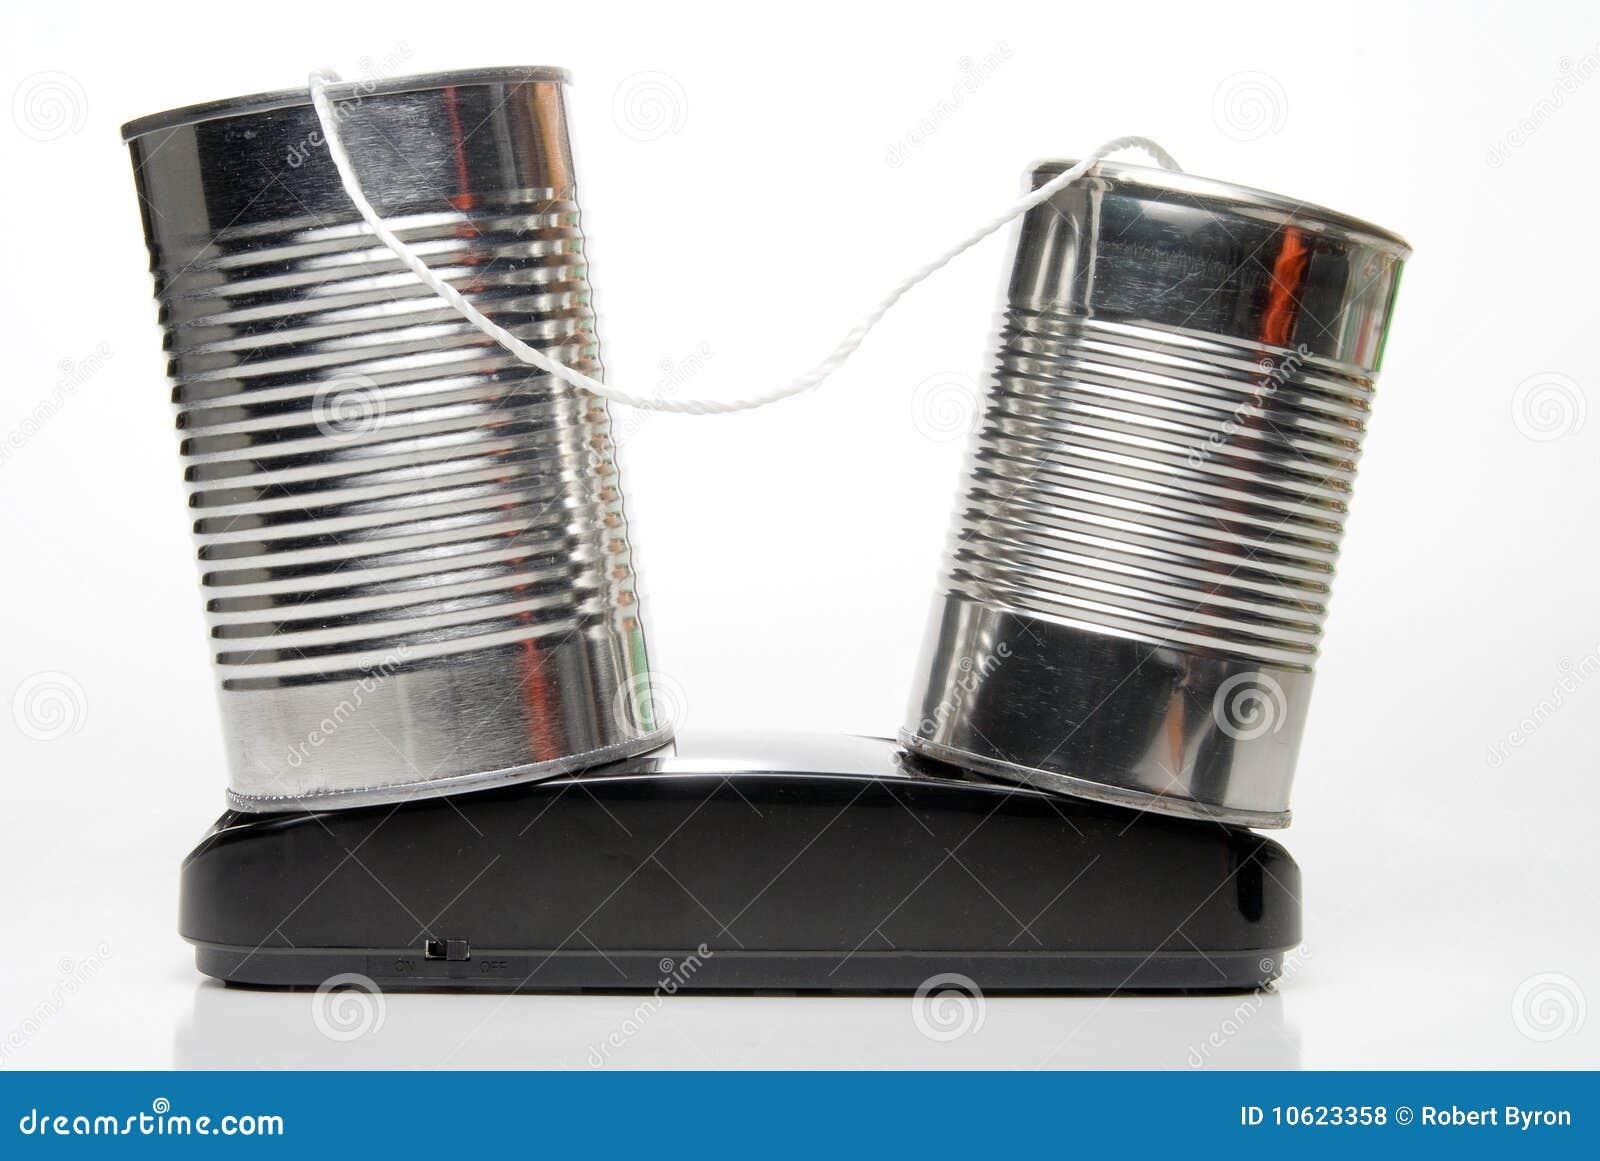 Blechdose-Telefon